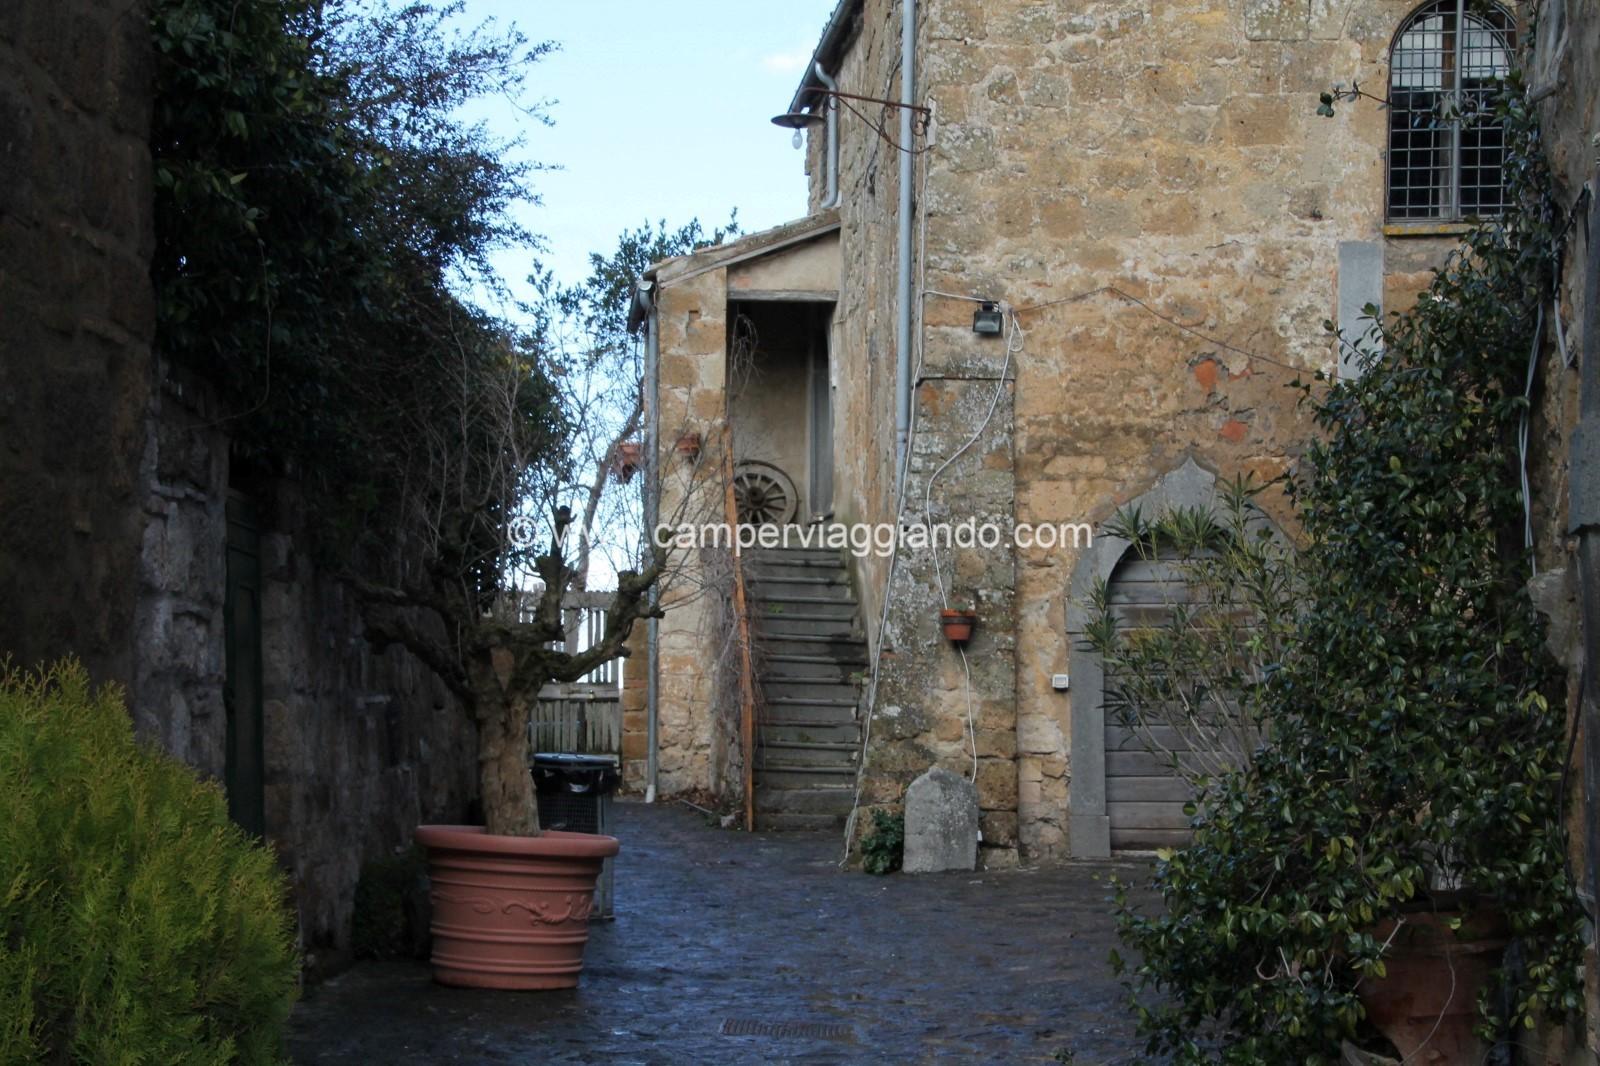 Nella valle dei Calanchi, in provincia di Viterbo si trova uno dei borghi più belli d'Italia